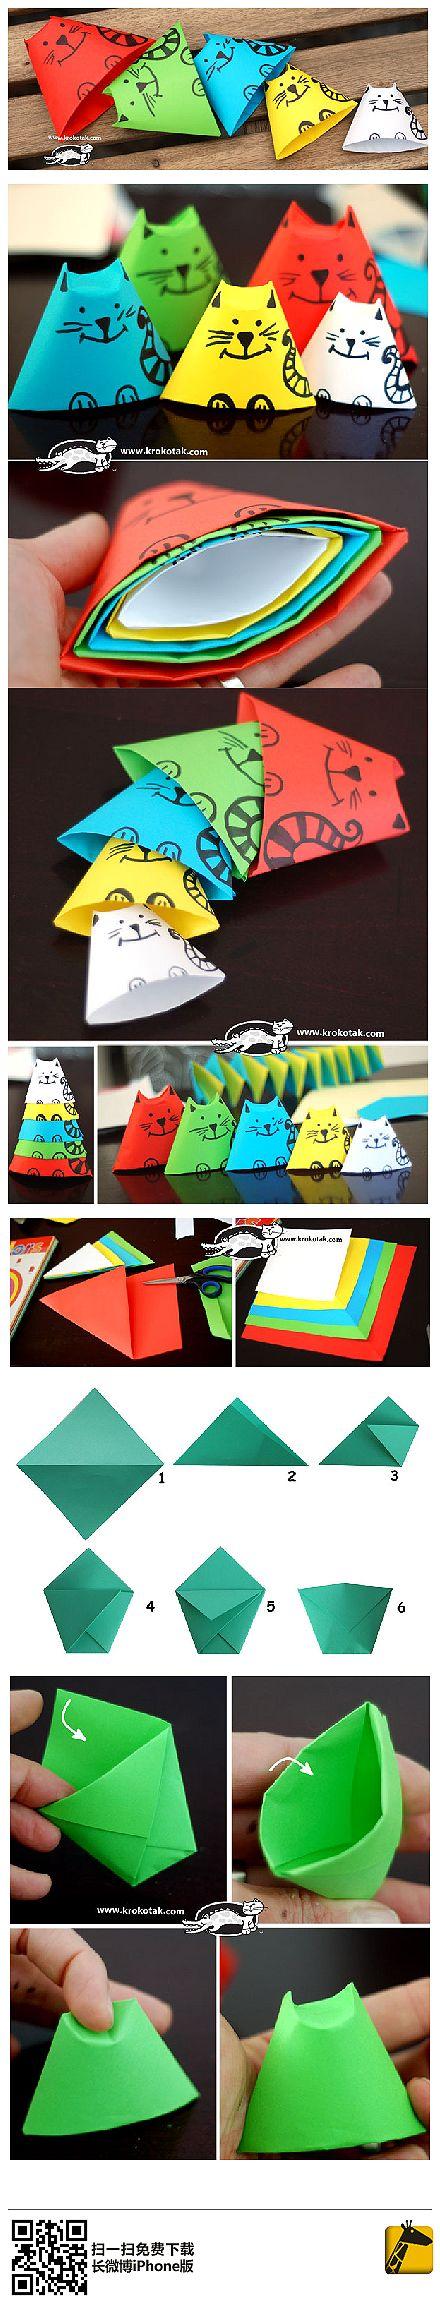 #knutselen, kinderen, basisschool, vouwen, kat, in verschillende formaten, papier